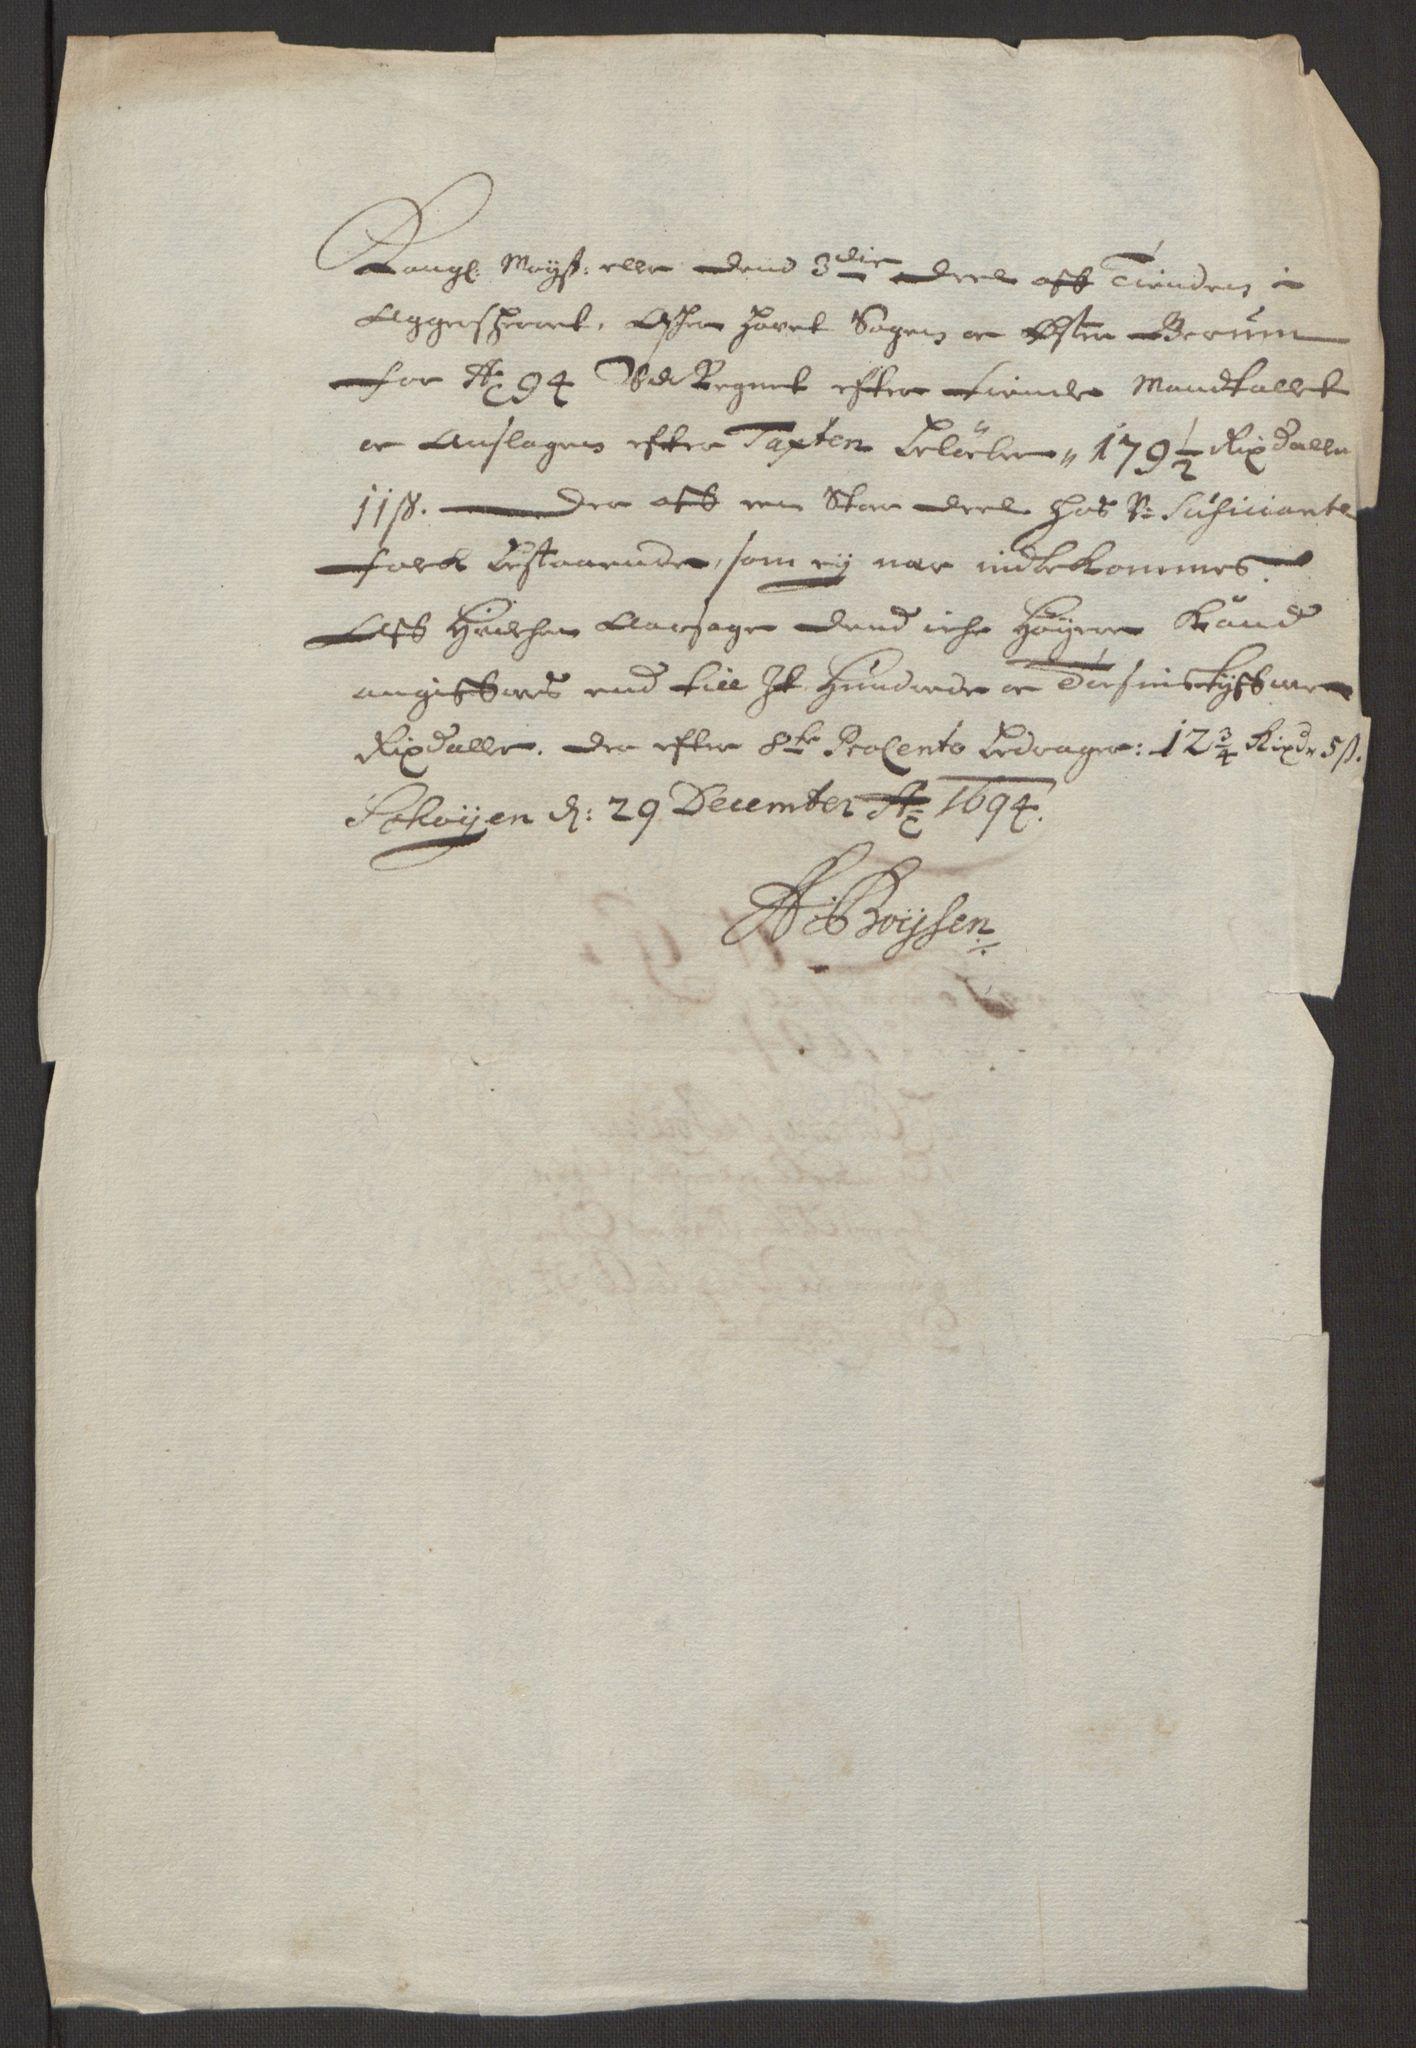 RA, Rentekammeret inntil 1814, Reviderte regnskaper, Fogderegnskap, R10/L0438: Fogderegnskap Aker og Follo, 1694, s. 133